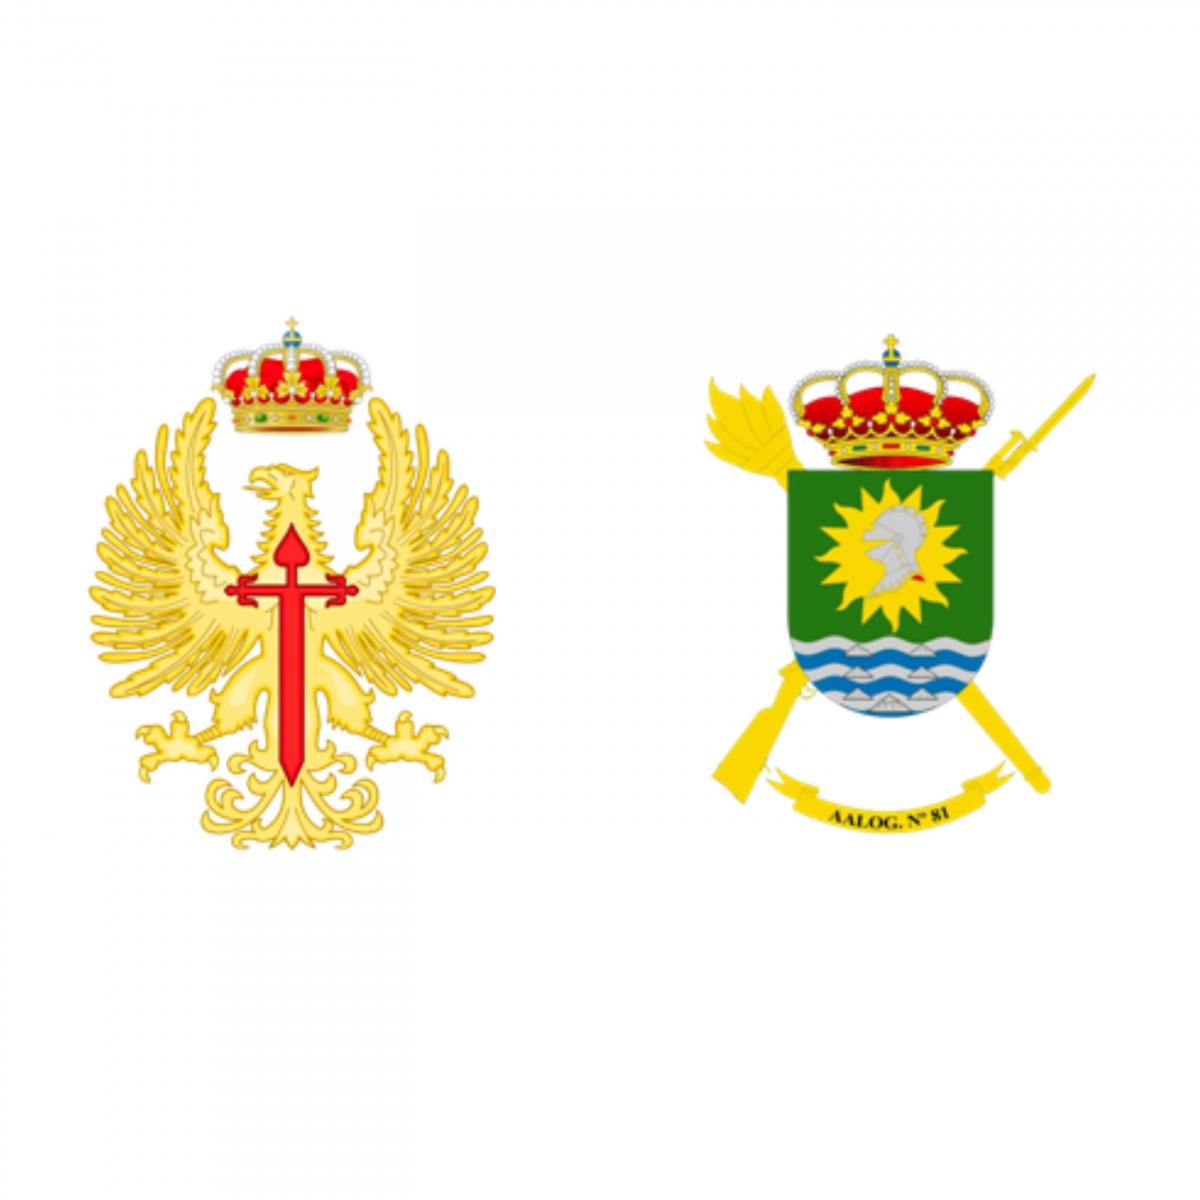 Militares Cuadrado